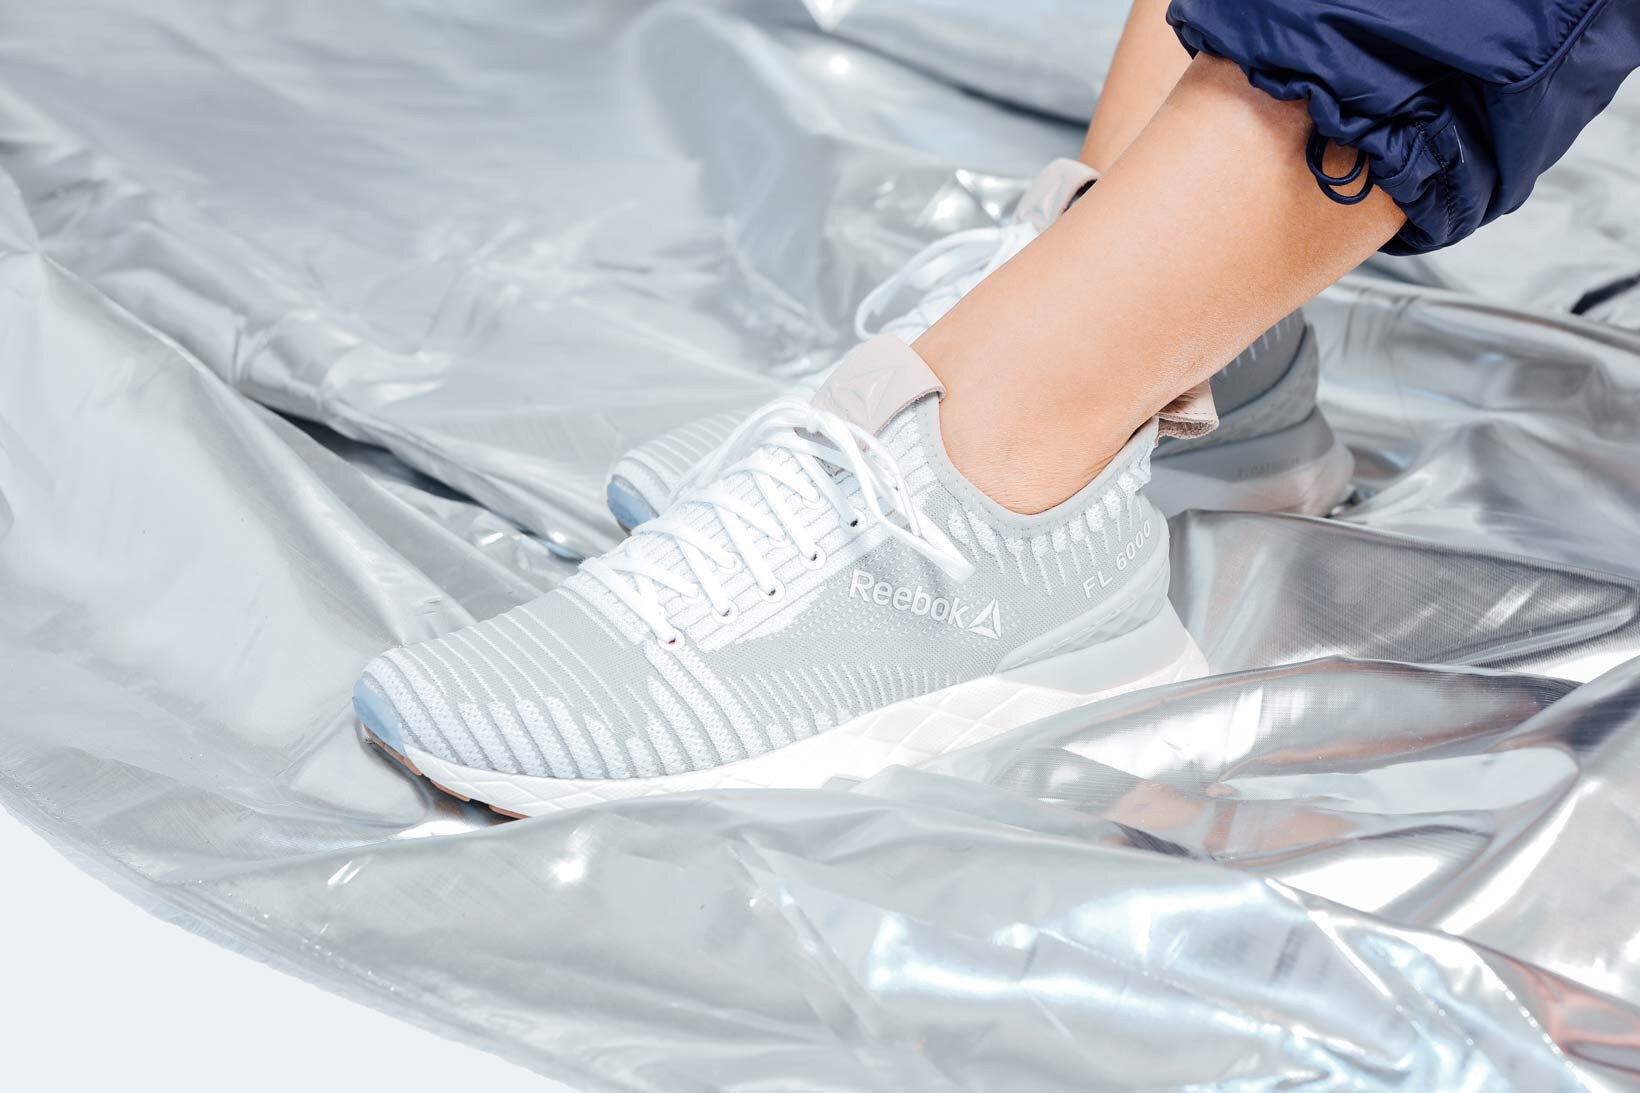 Reebok Floatride 6000 thực sự là mẫu giày vượt trội về cả chất liệu, thiết kế và giá thành.